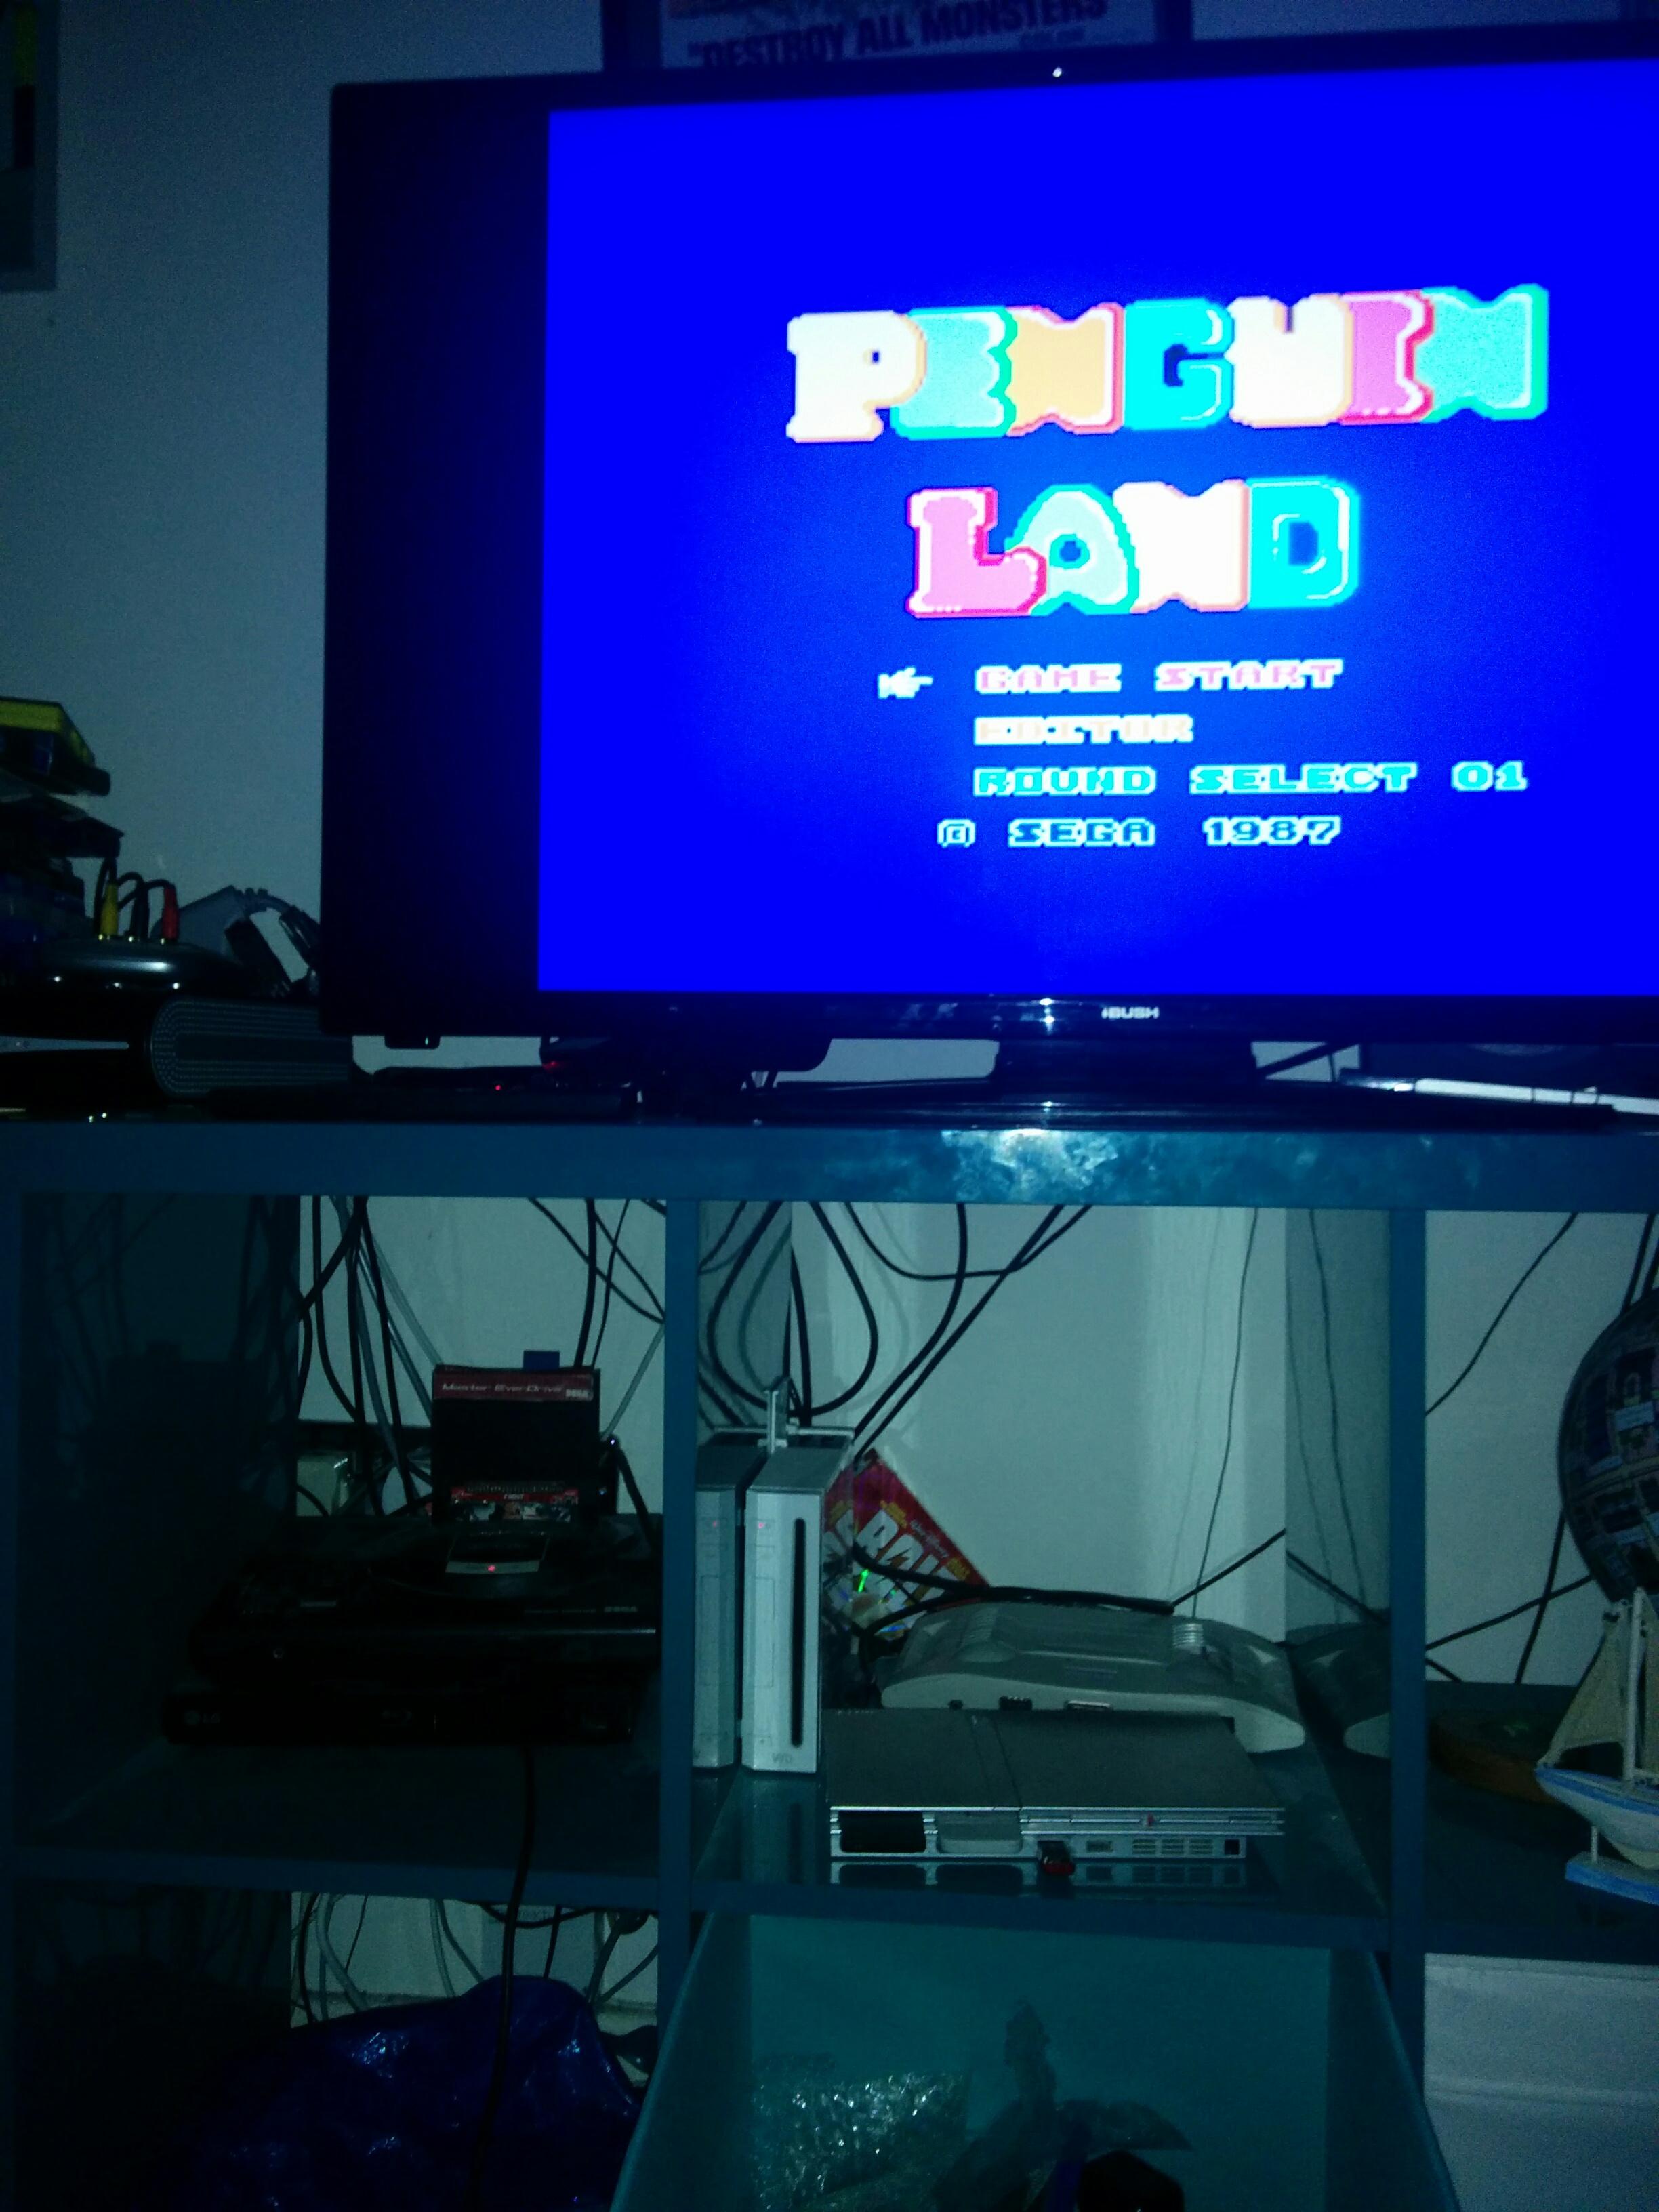 Penguin Land 4,300 points